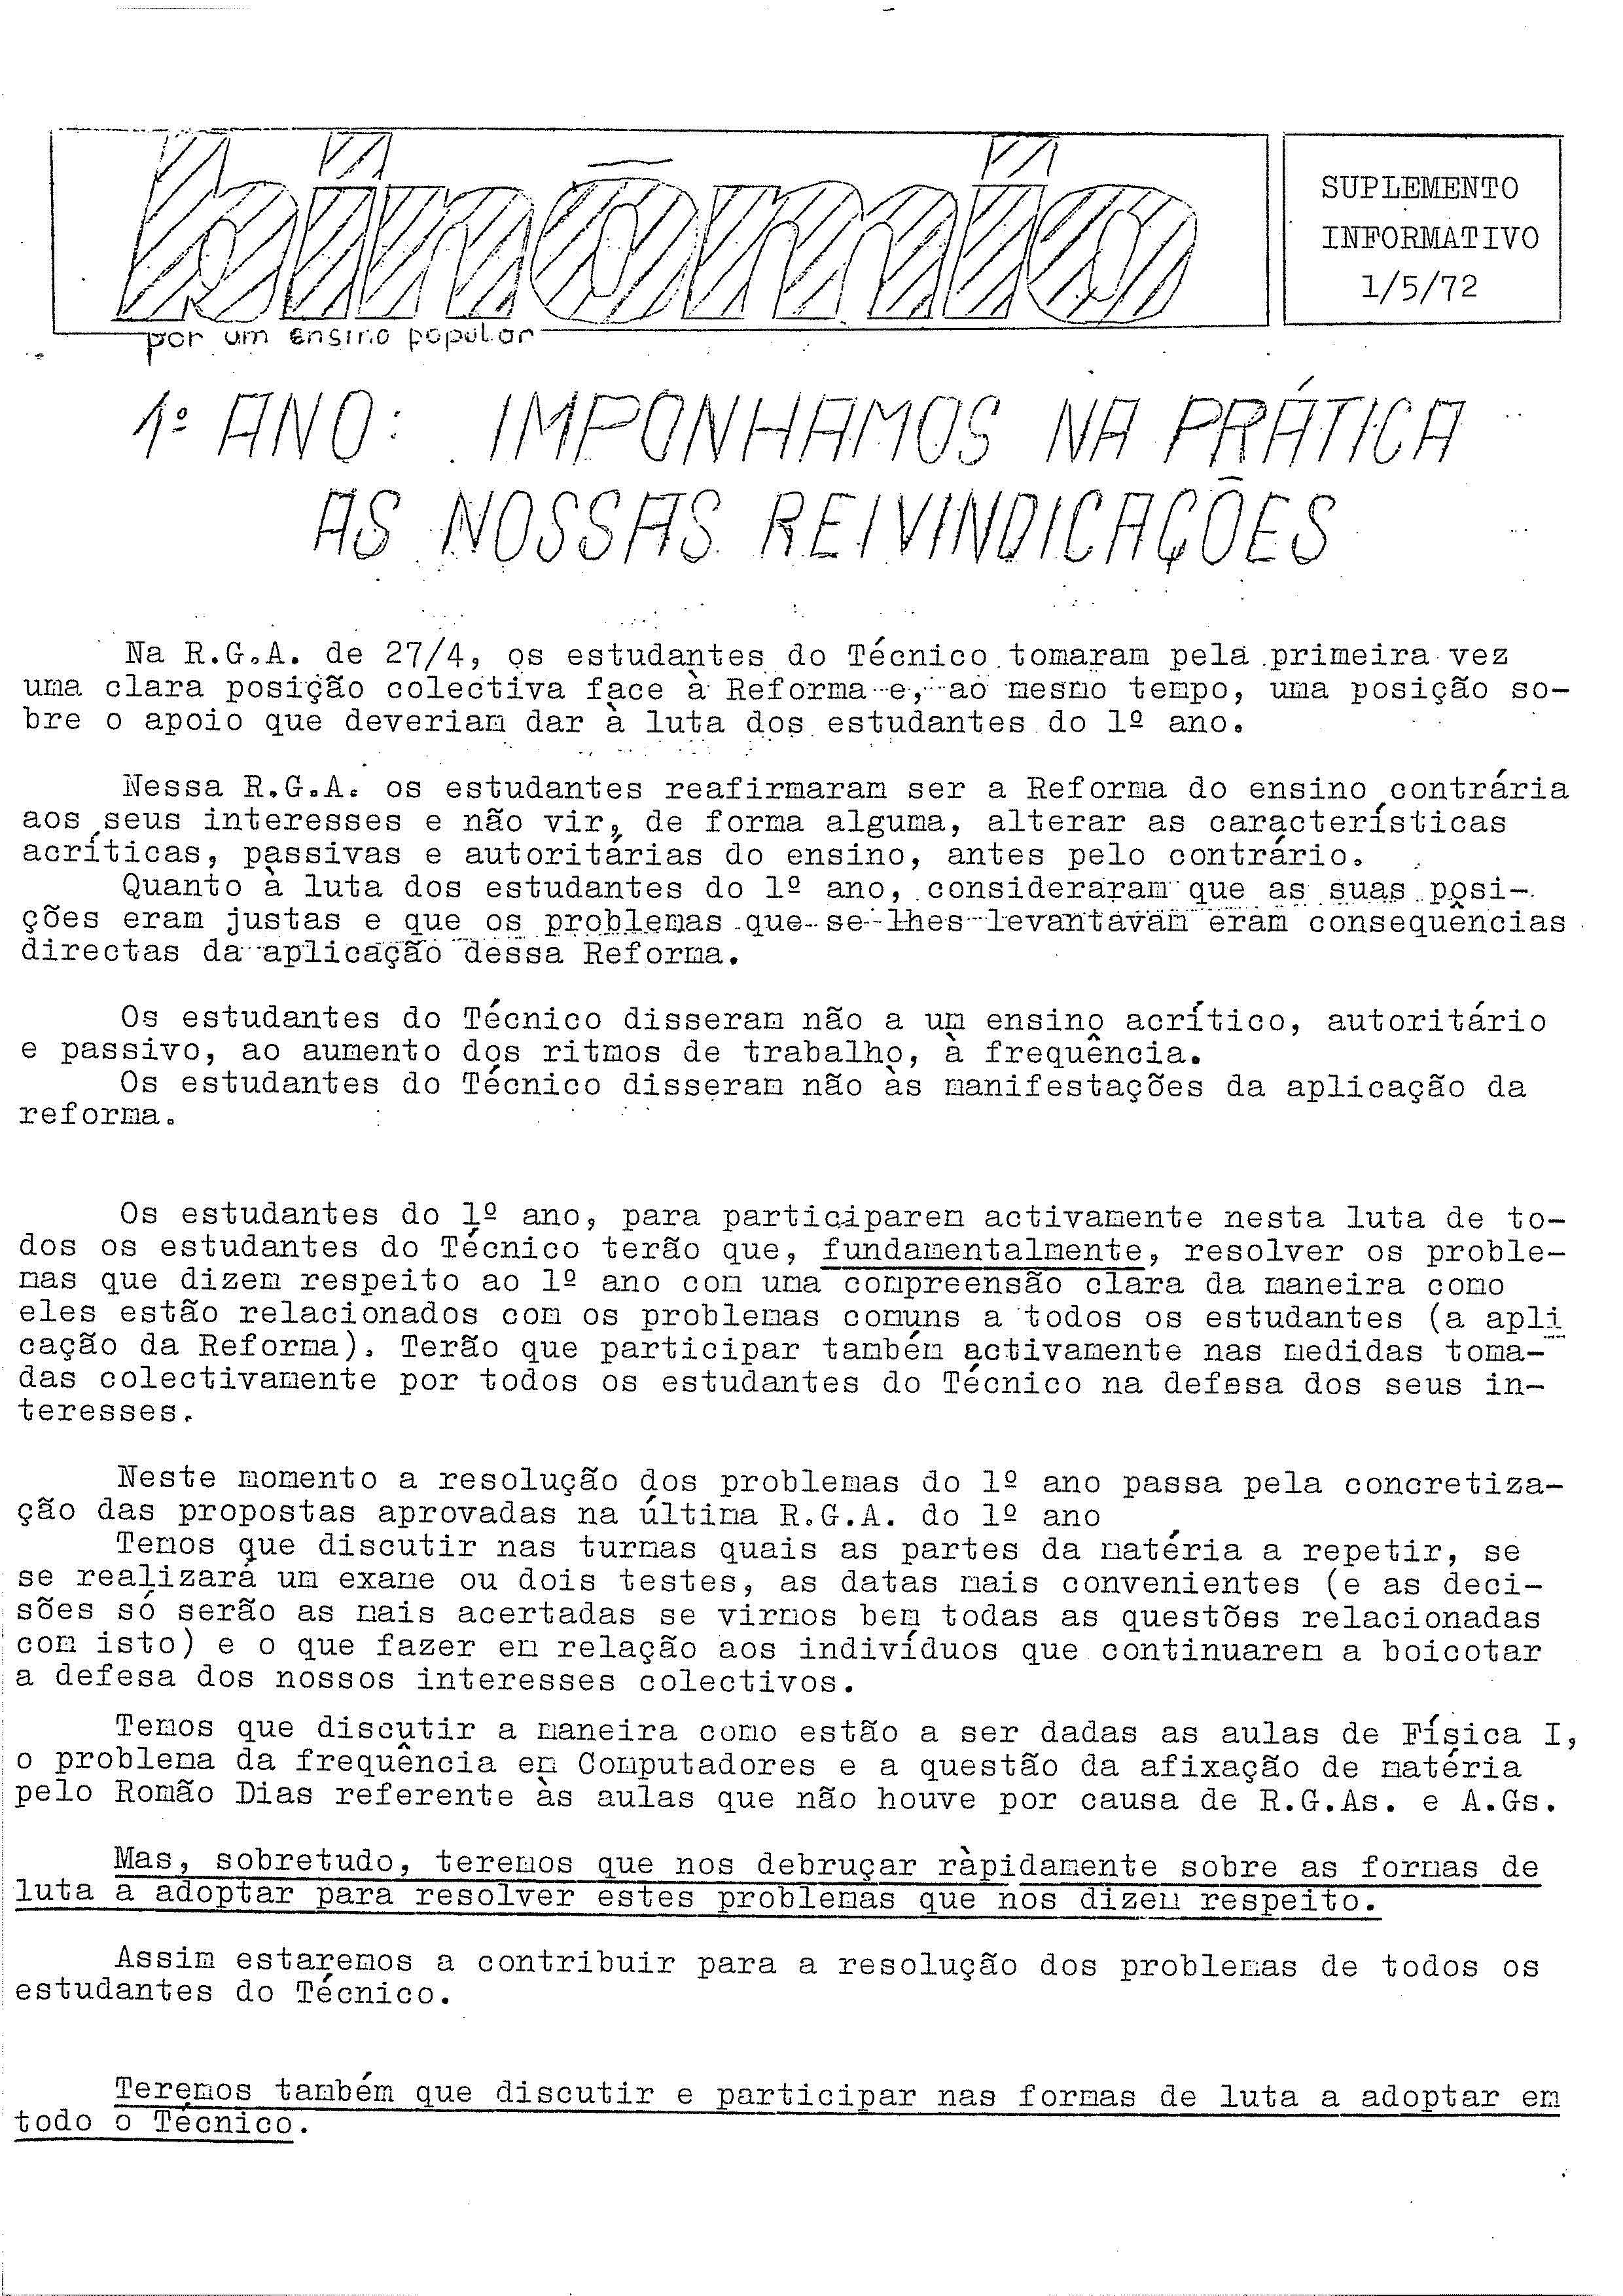 Copy of Binómio Sup – 1-5-1972